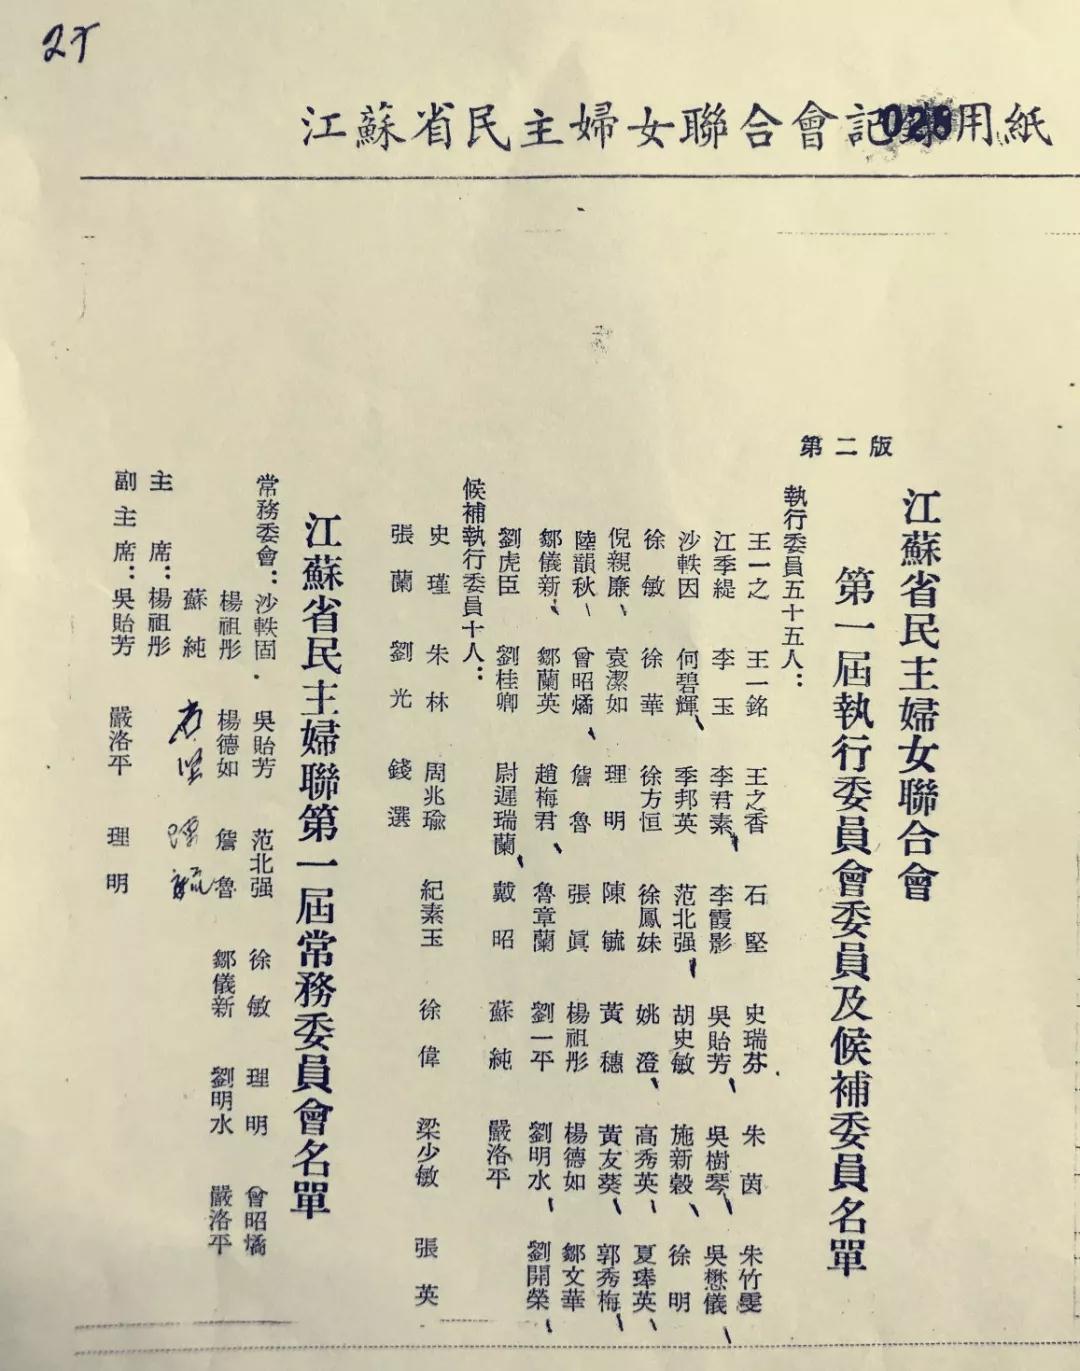 【喜迎江苏妇女十三大】江苏省妇女一次代表大会的召开与江苏省民主妇联的成立